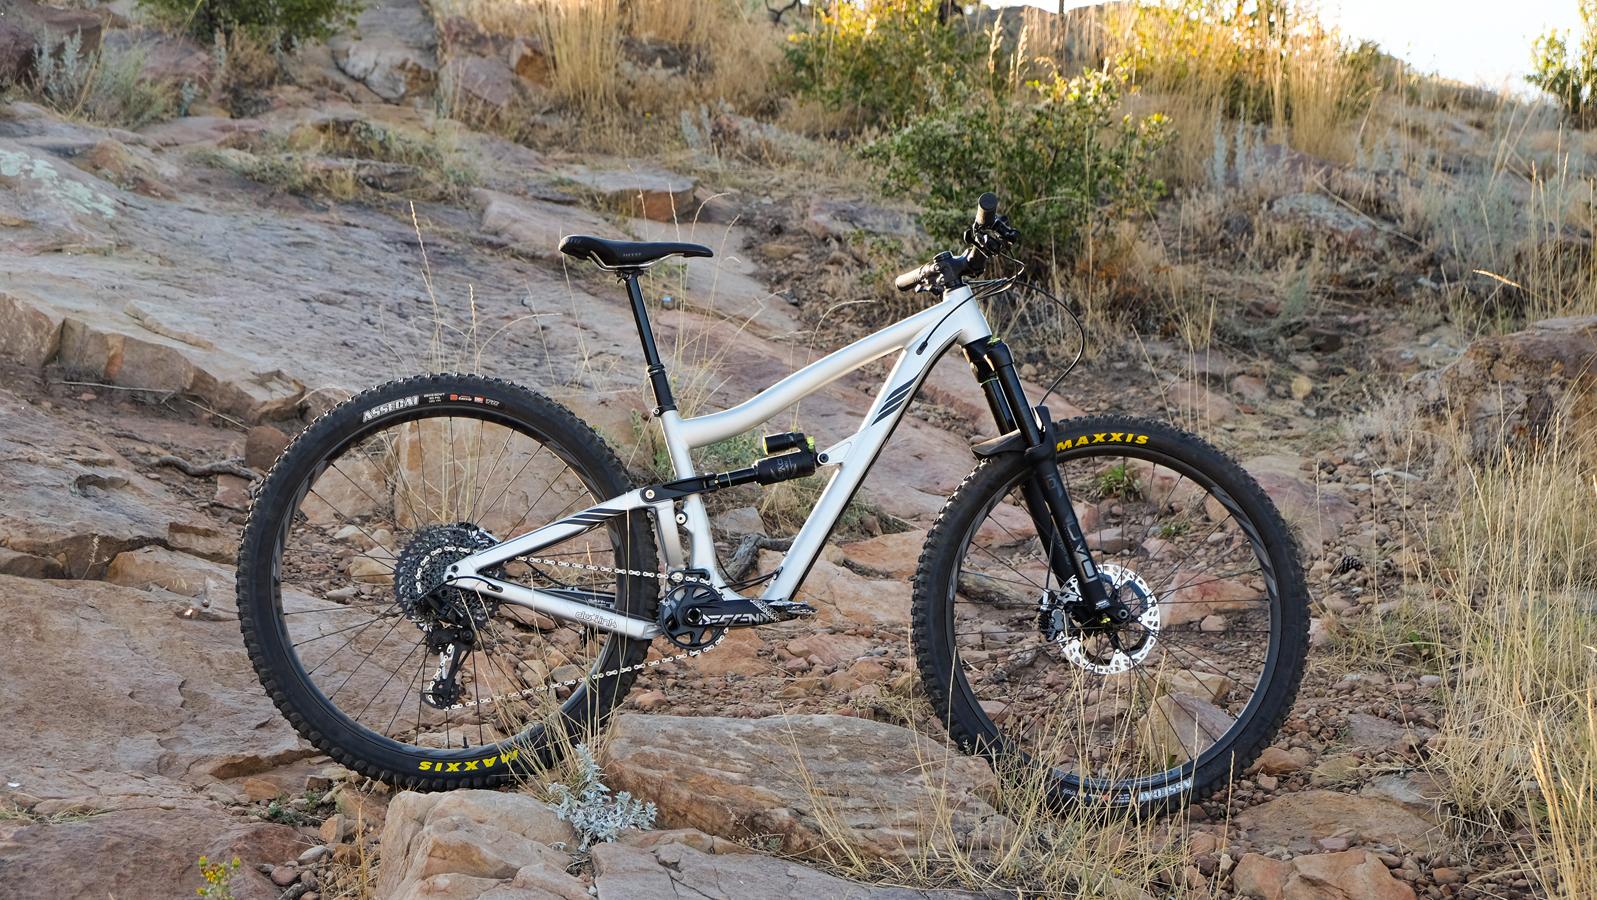 Ibis Ripmo AF full bike